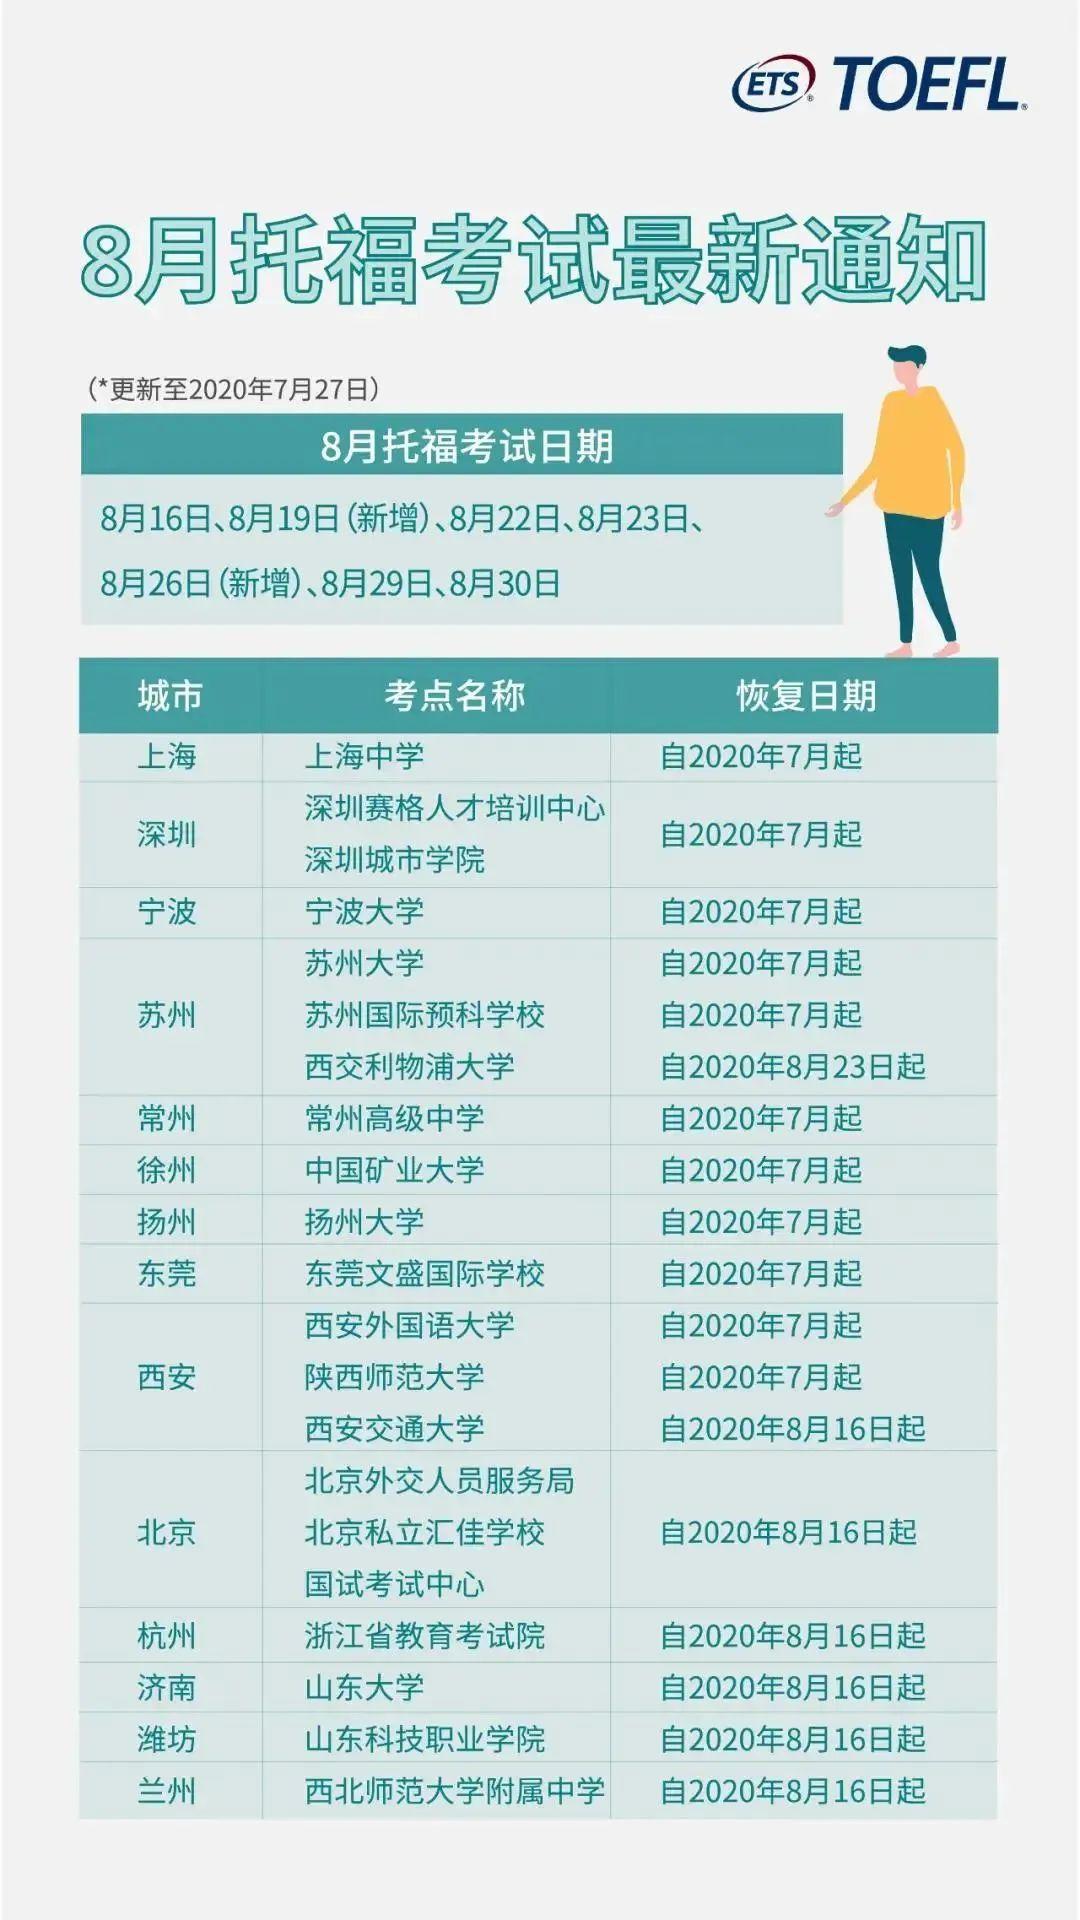 四大考试齐官宣 | 8月托福、雅思、GRE、GMAT复考通知!